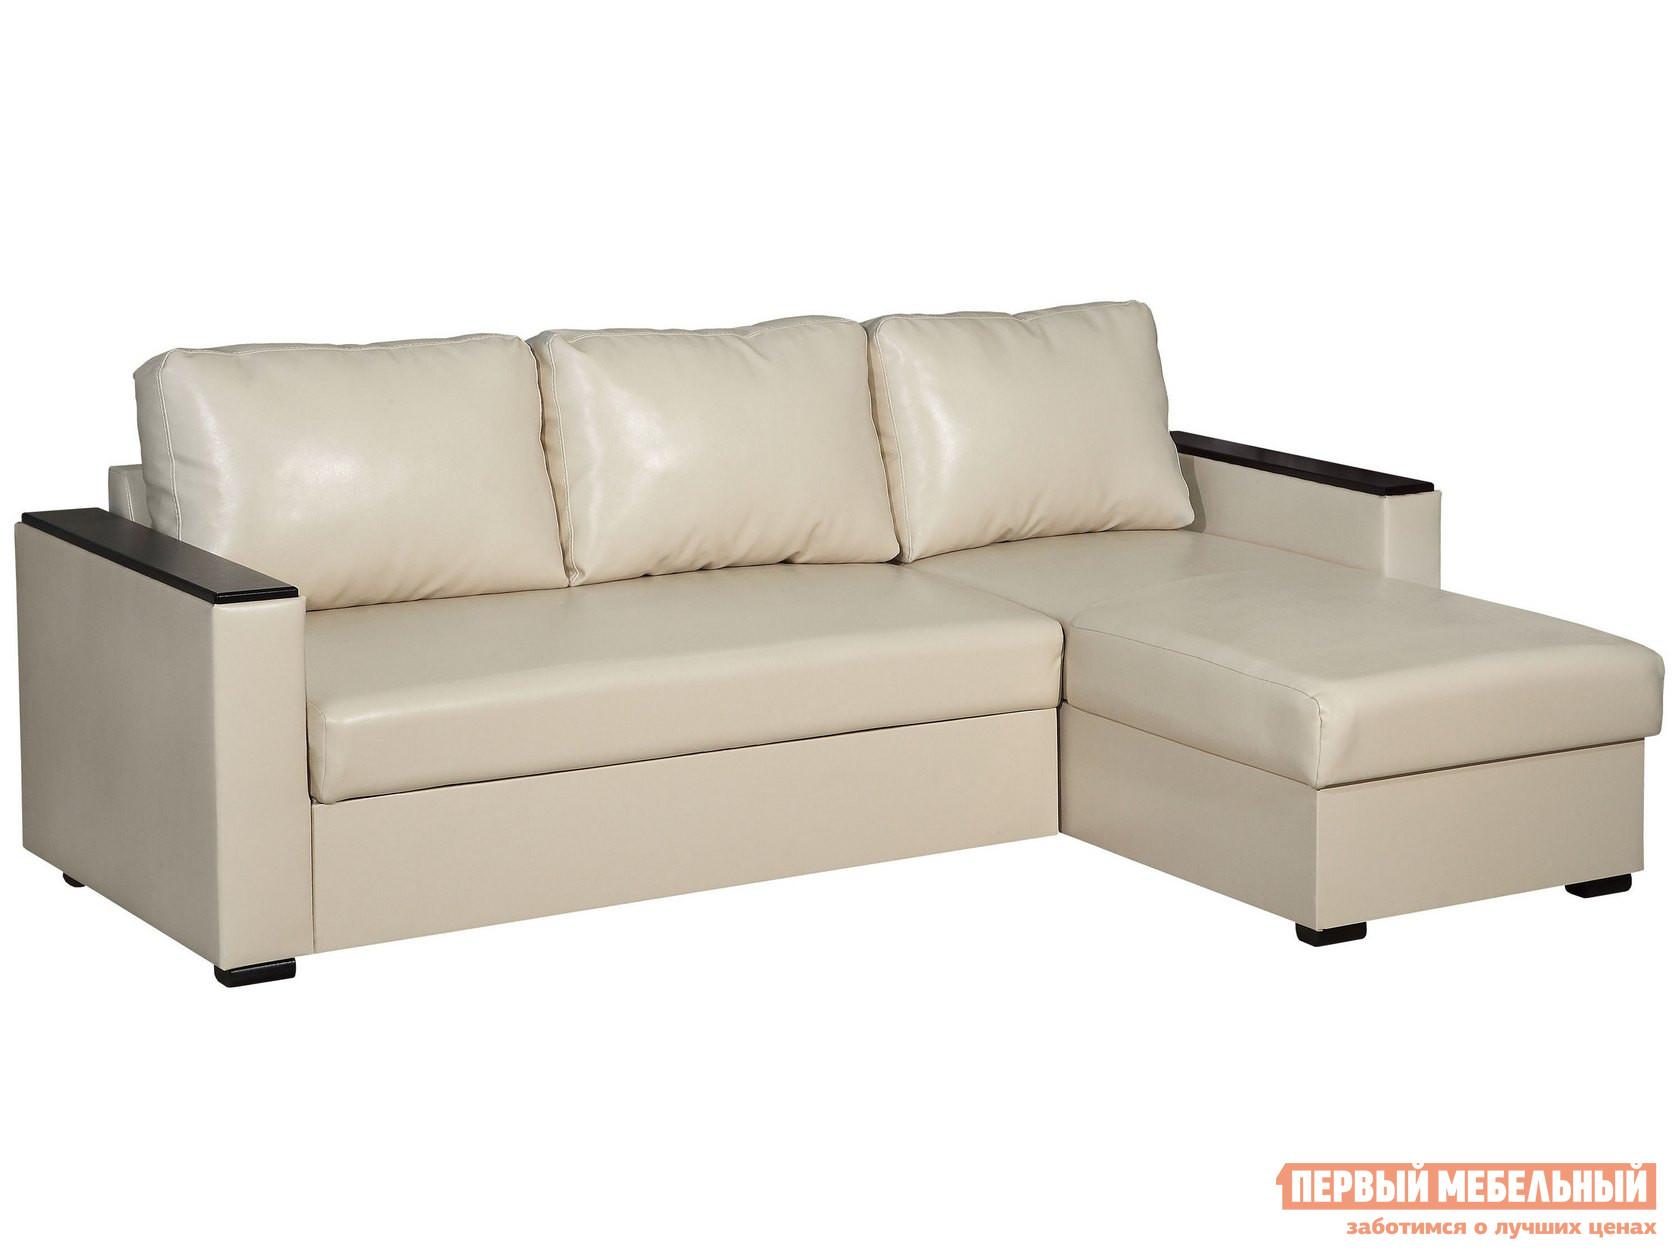 Угловой диван Первый Мебельный Диван Дипломат угловой